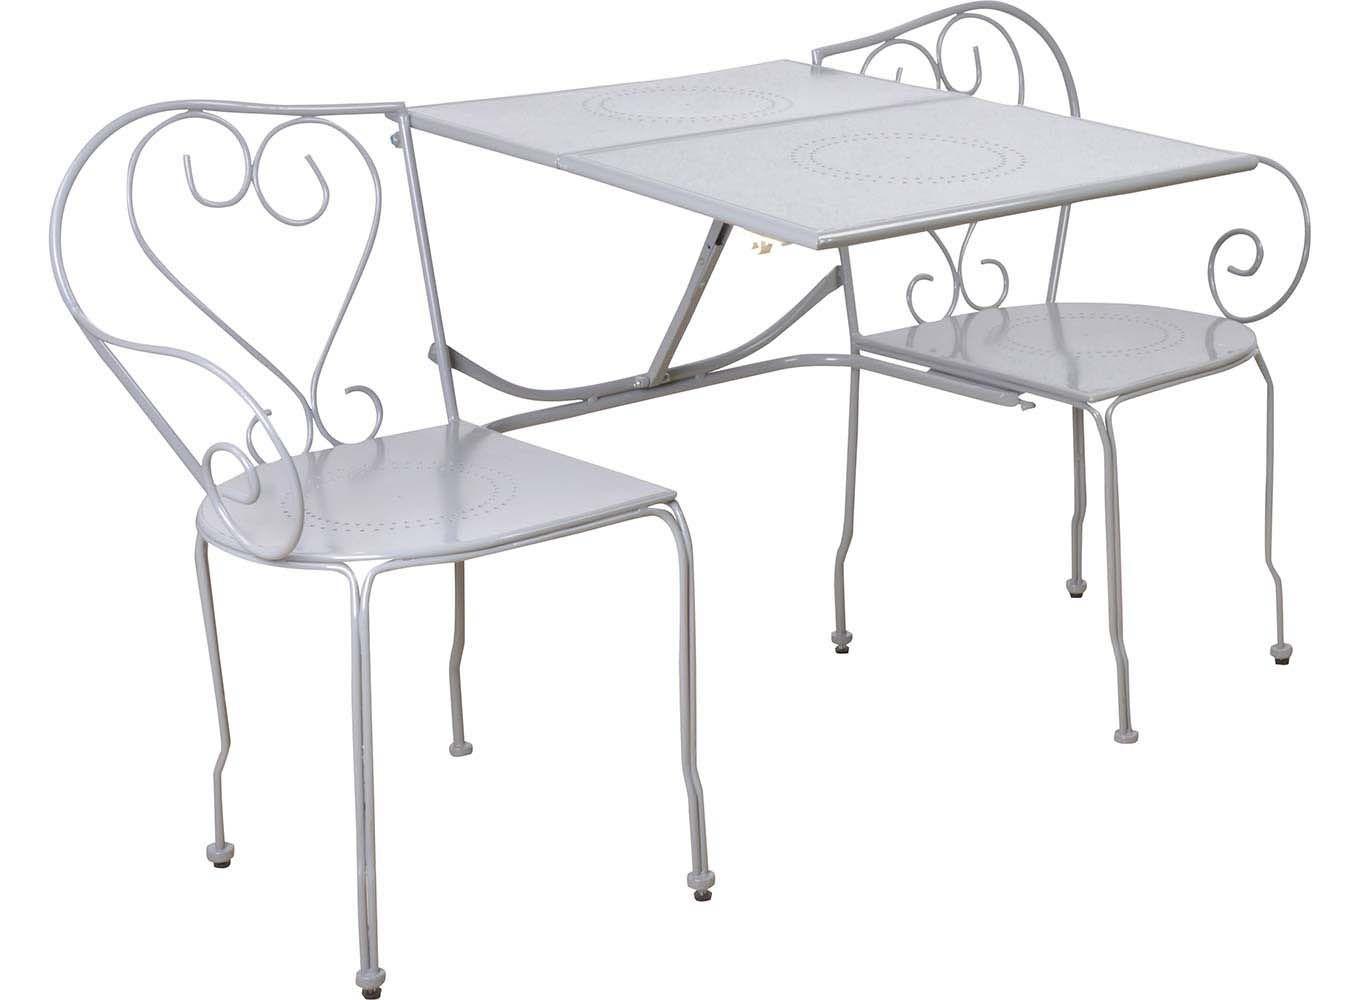 Banc de jardin convertible en table chaises classique